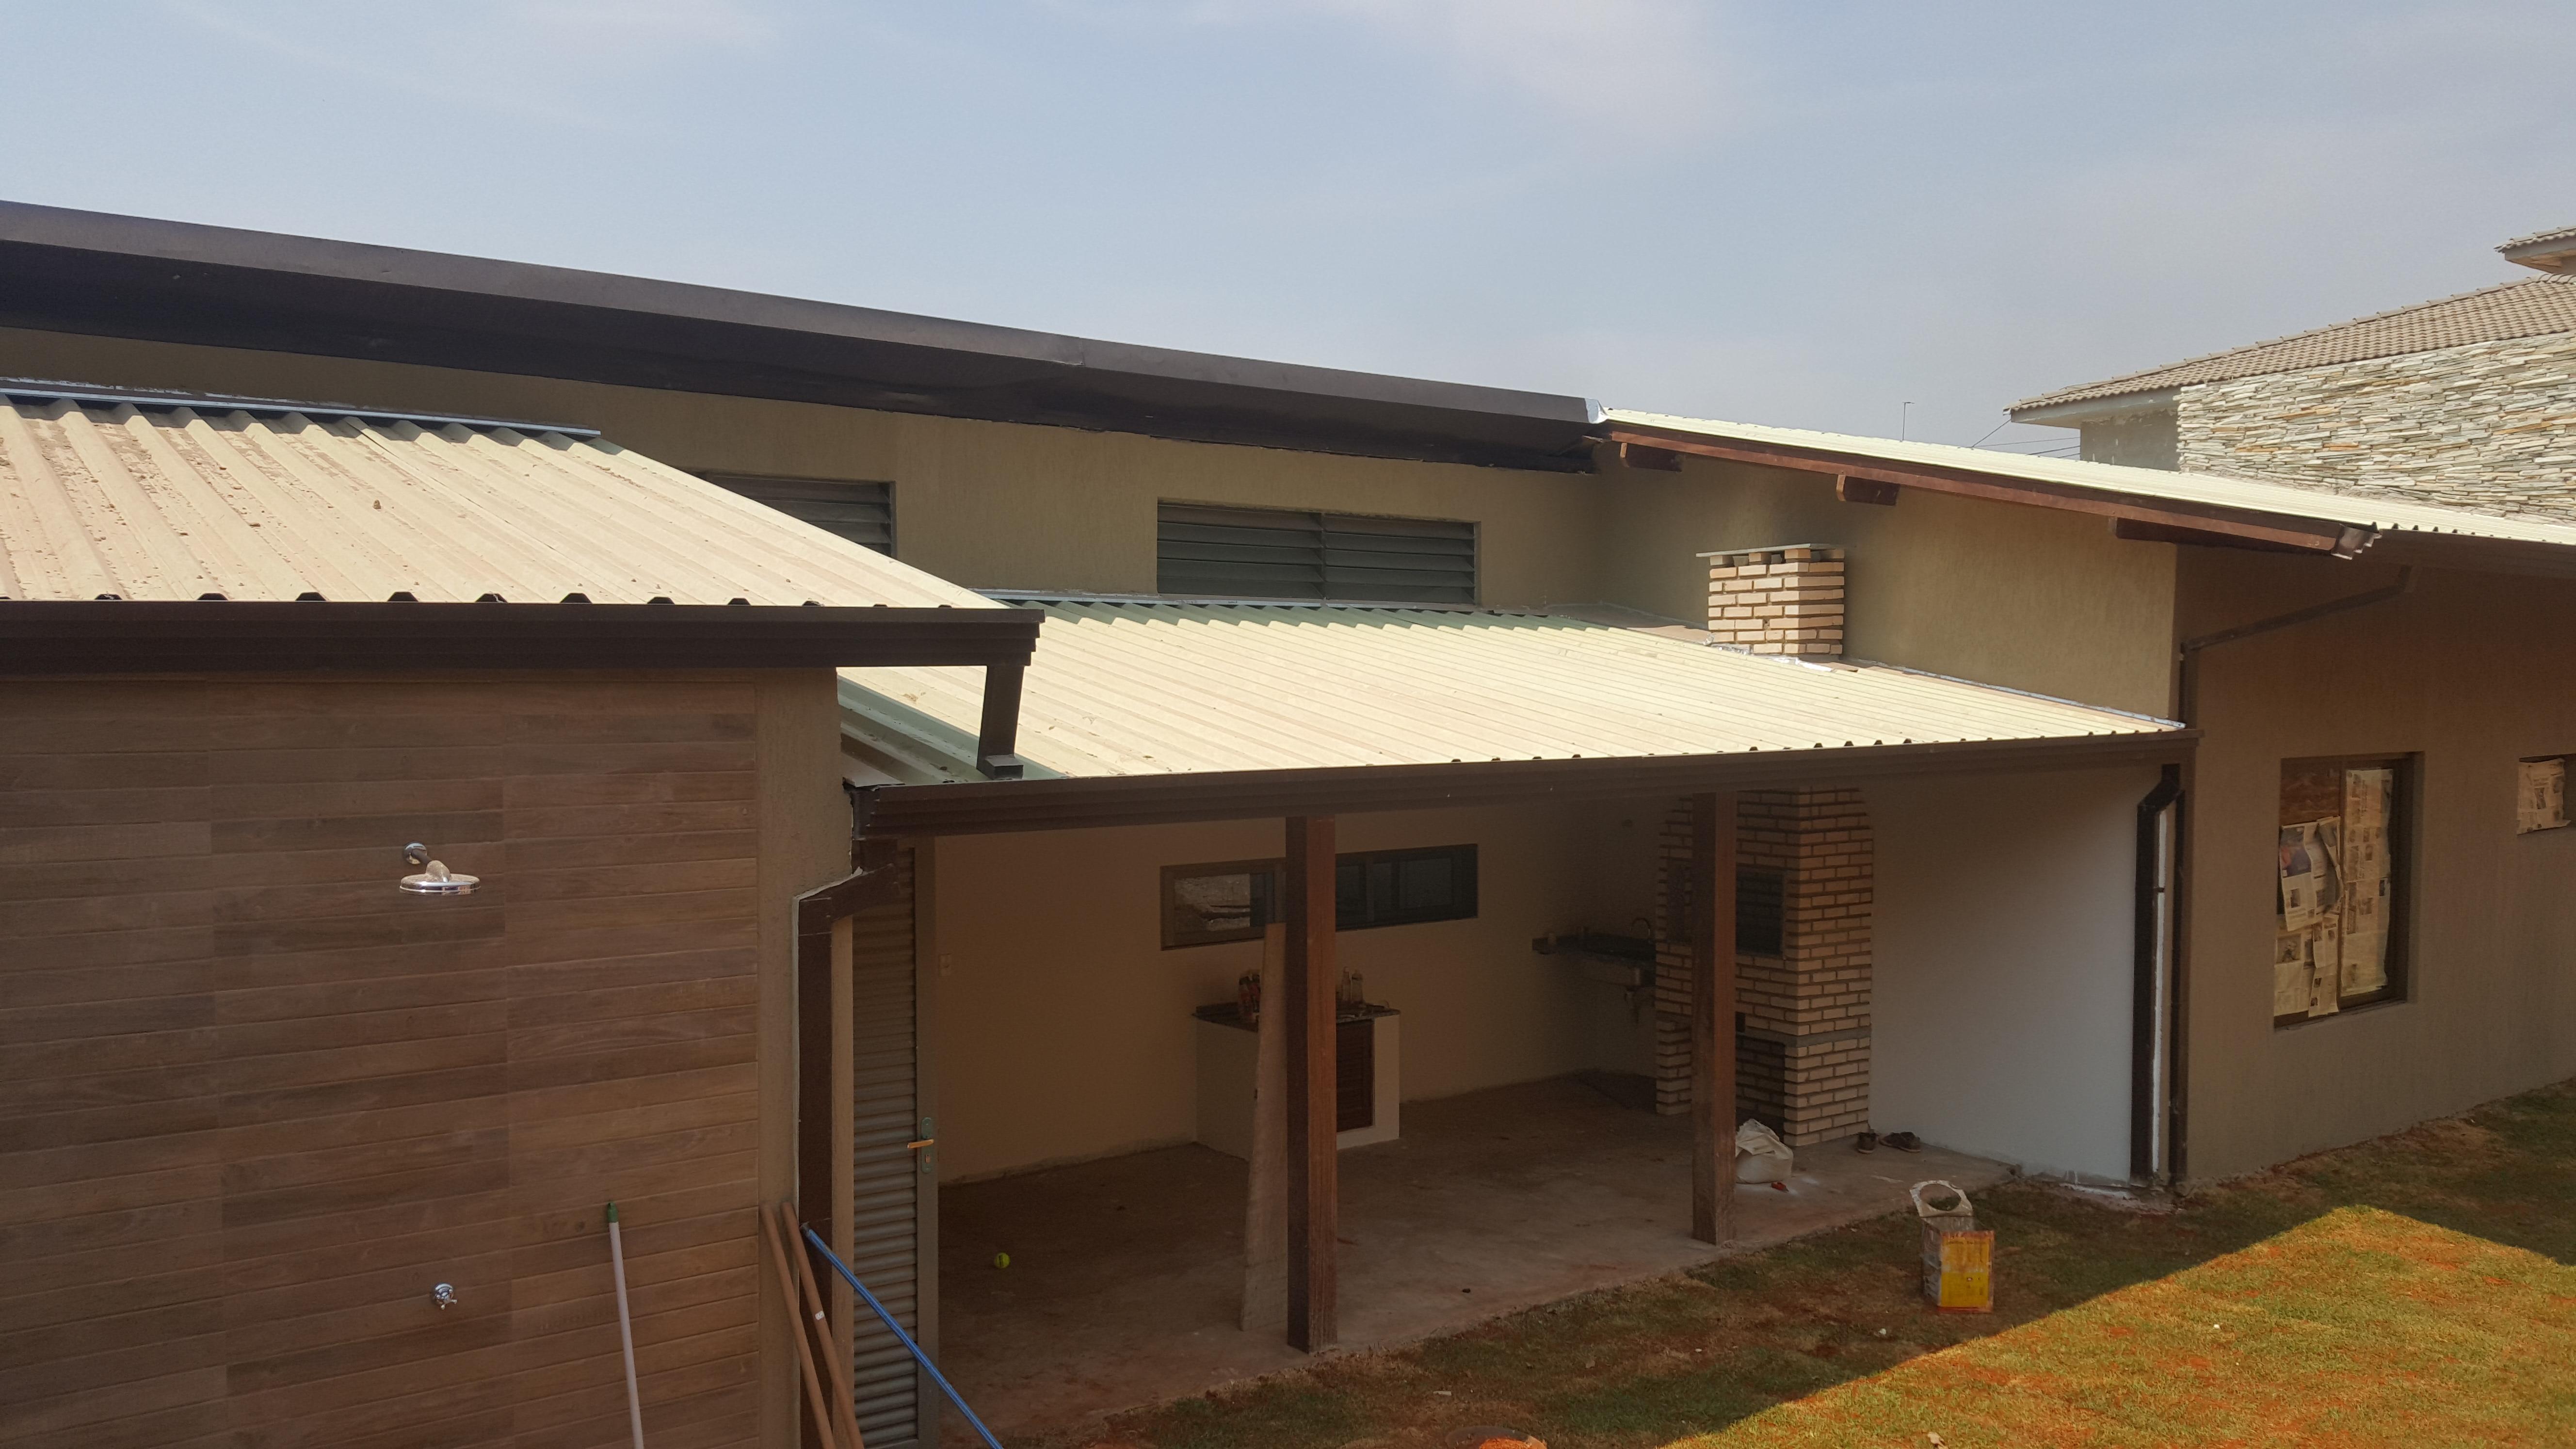 Empresa_de_Construção_em_Brasilia,_Distrito_Federal_-_DF_(19)